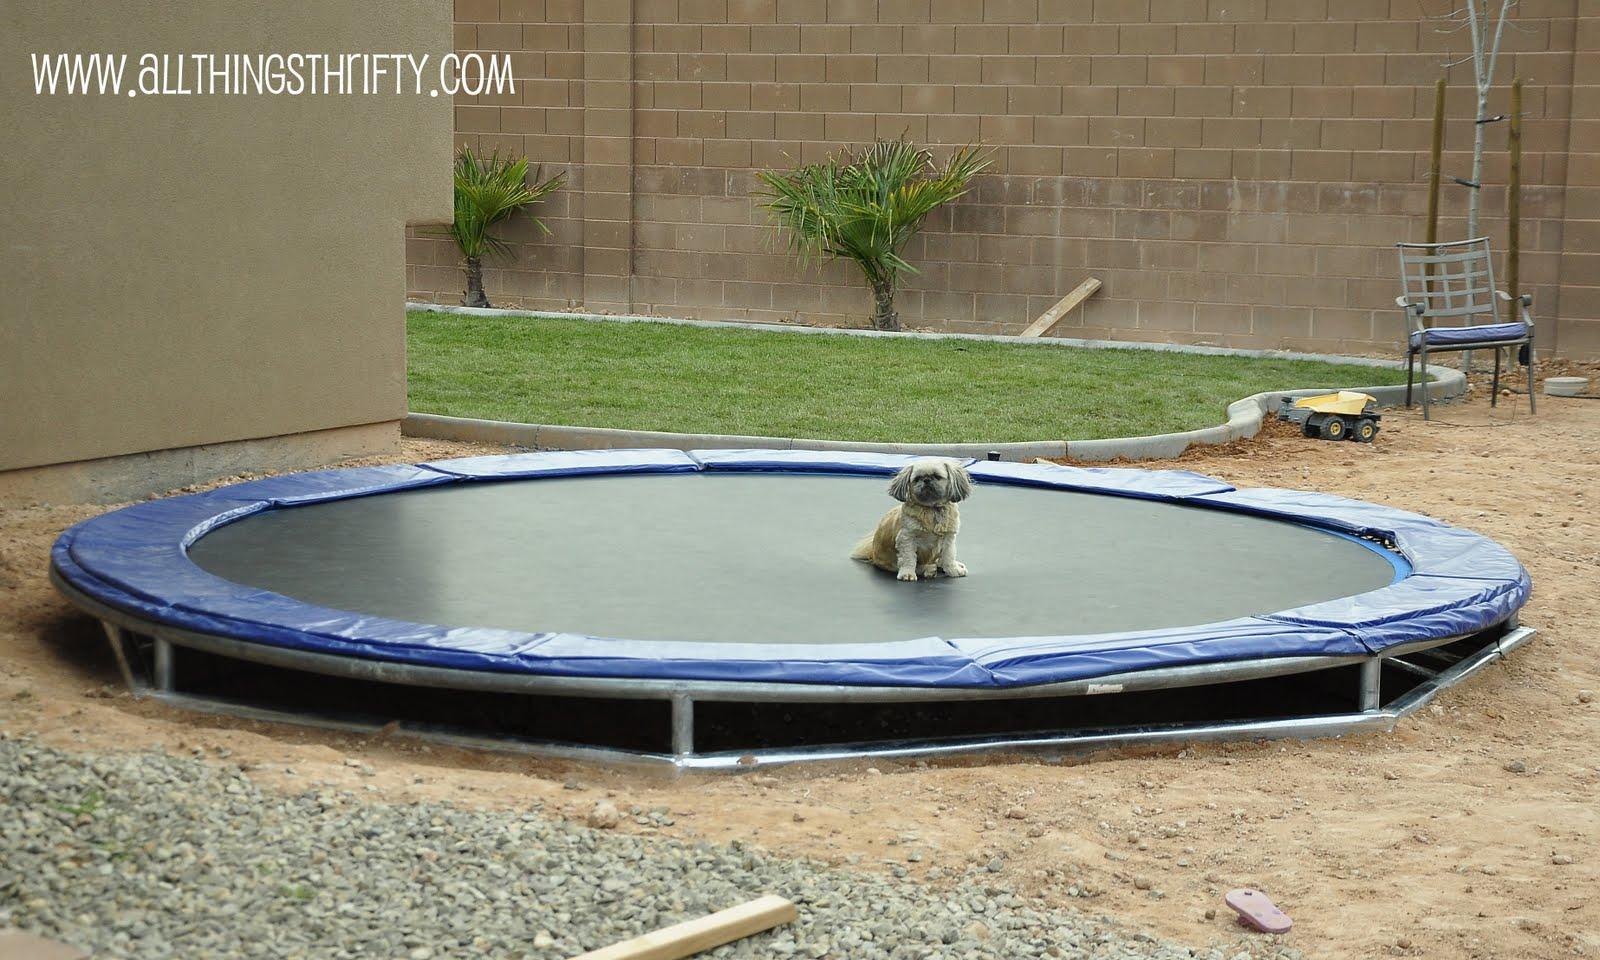 diy inground trampoline instructions. Black Bedroom Furniture Sets. Home Design Ideas